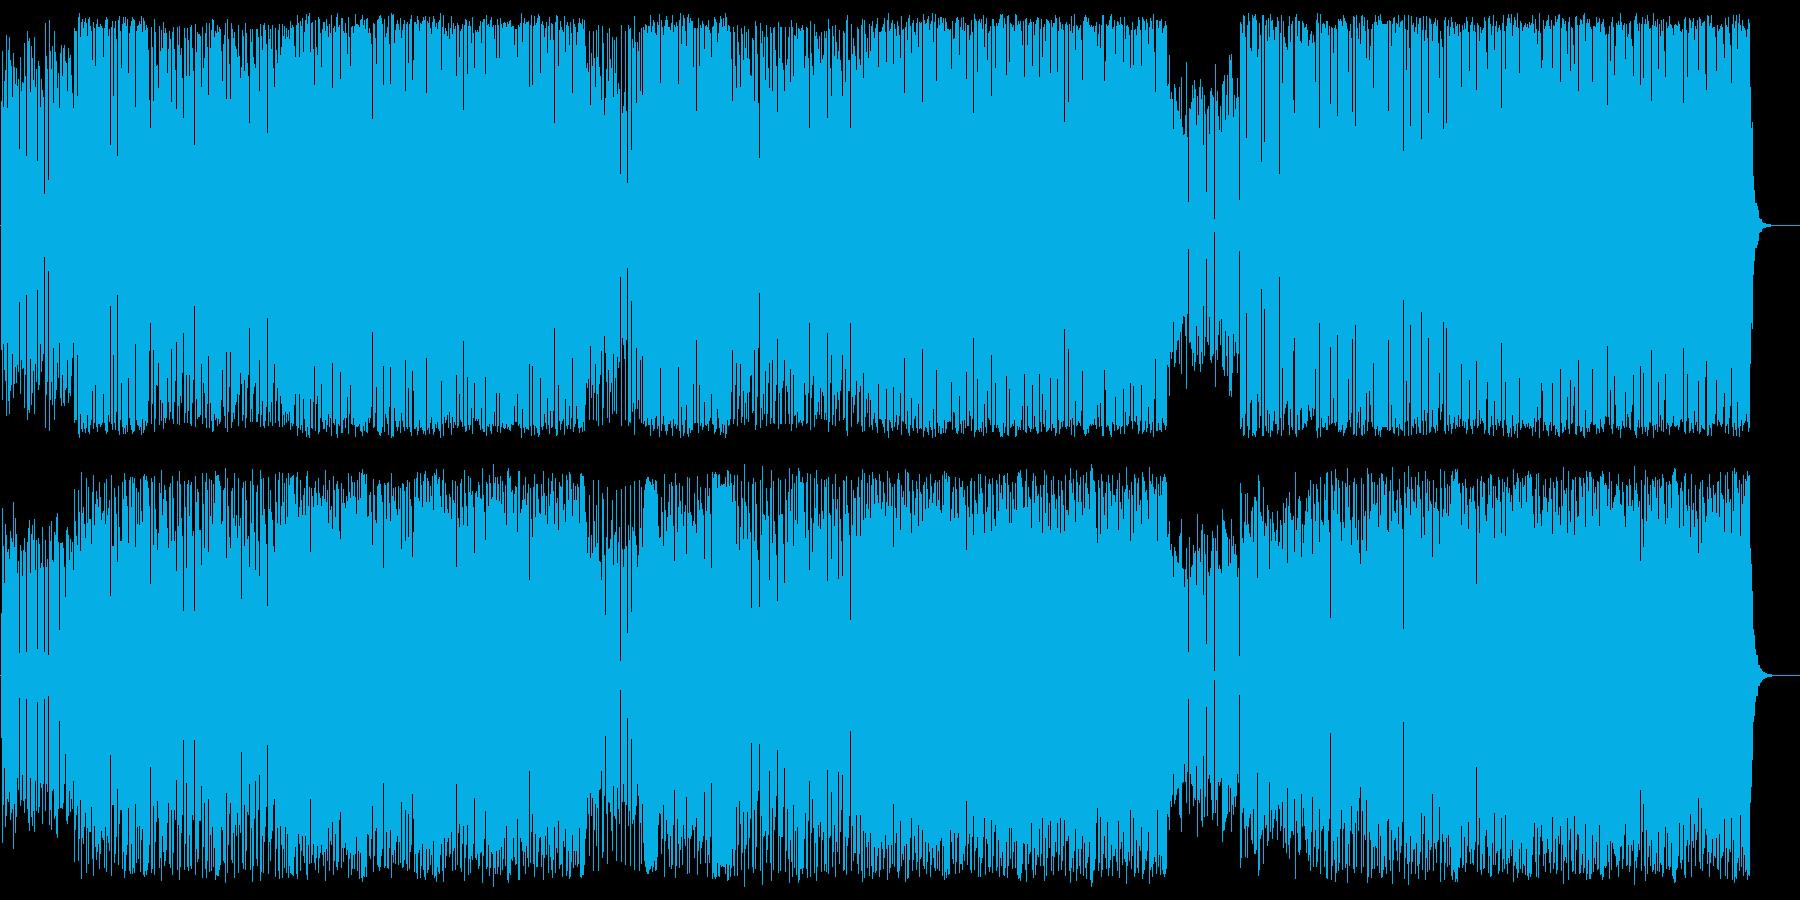 エッジの効いたシンセサイザーの曲の再生済みの波形